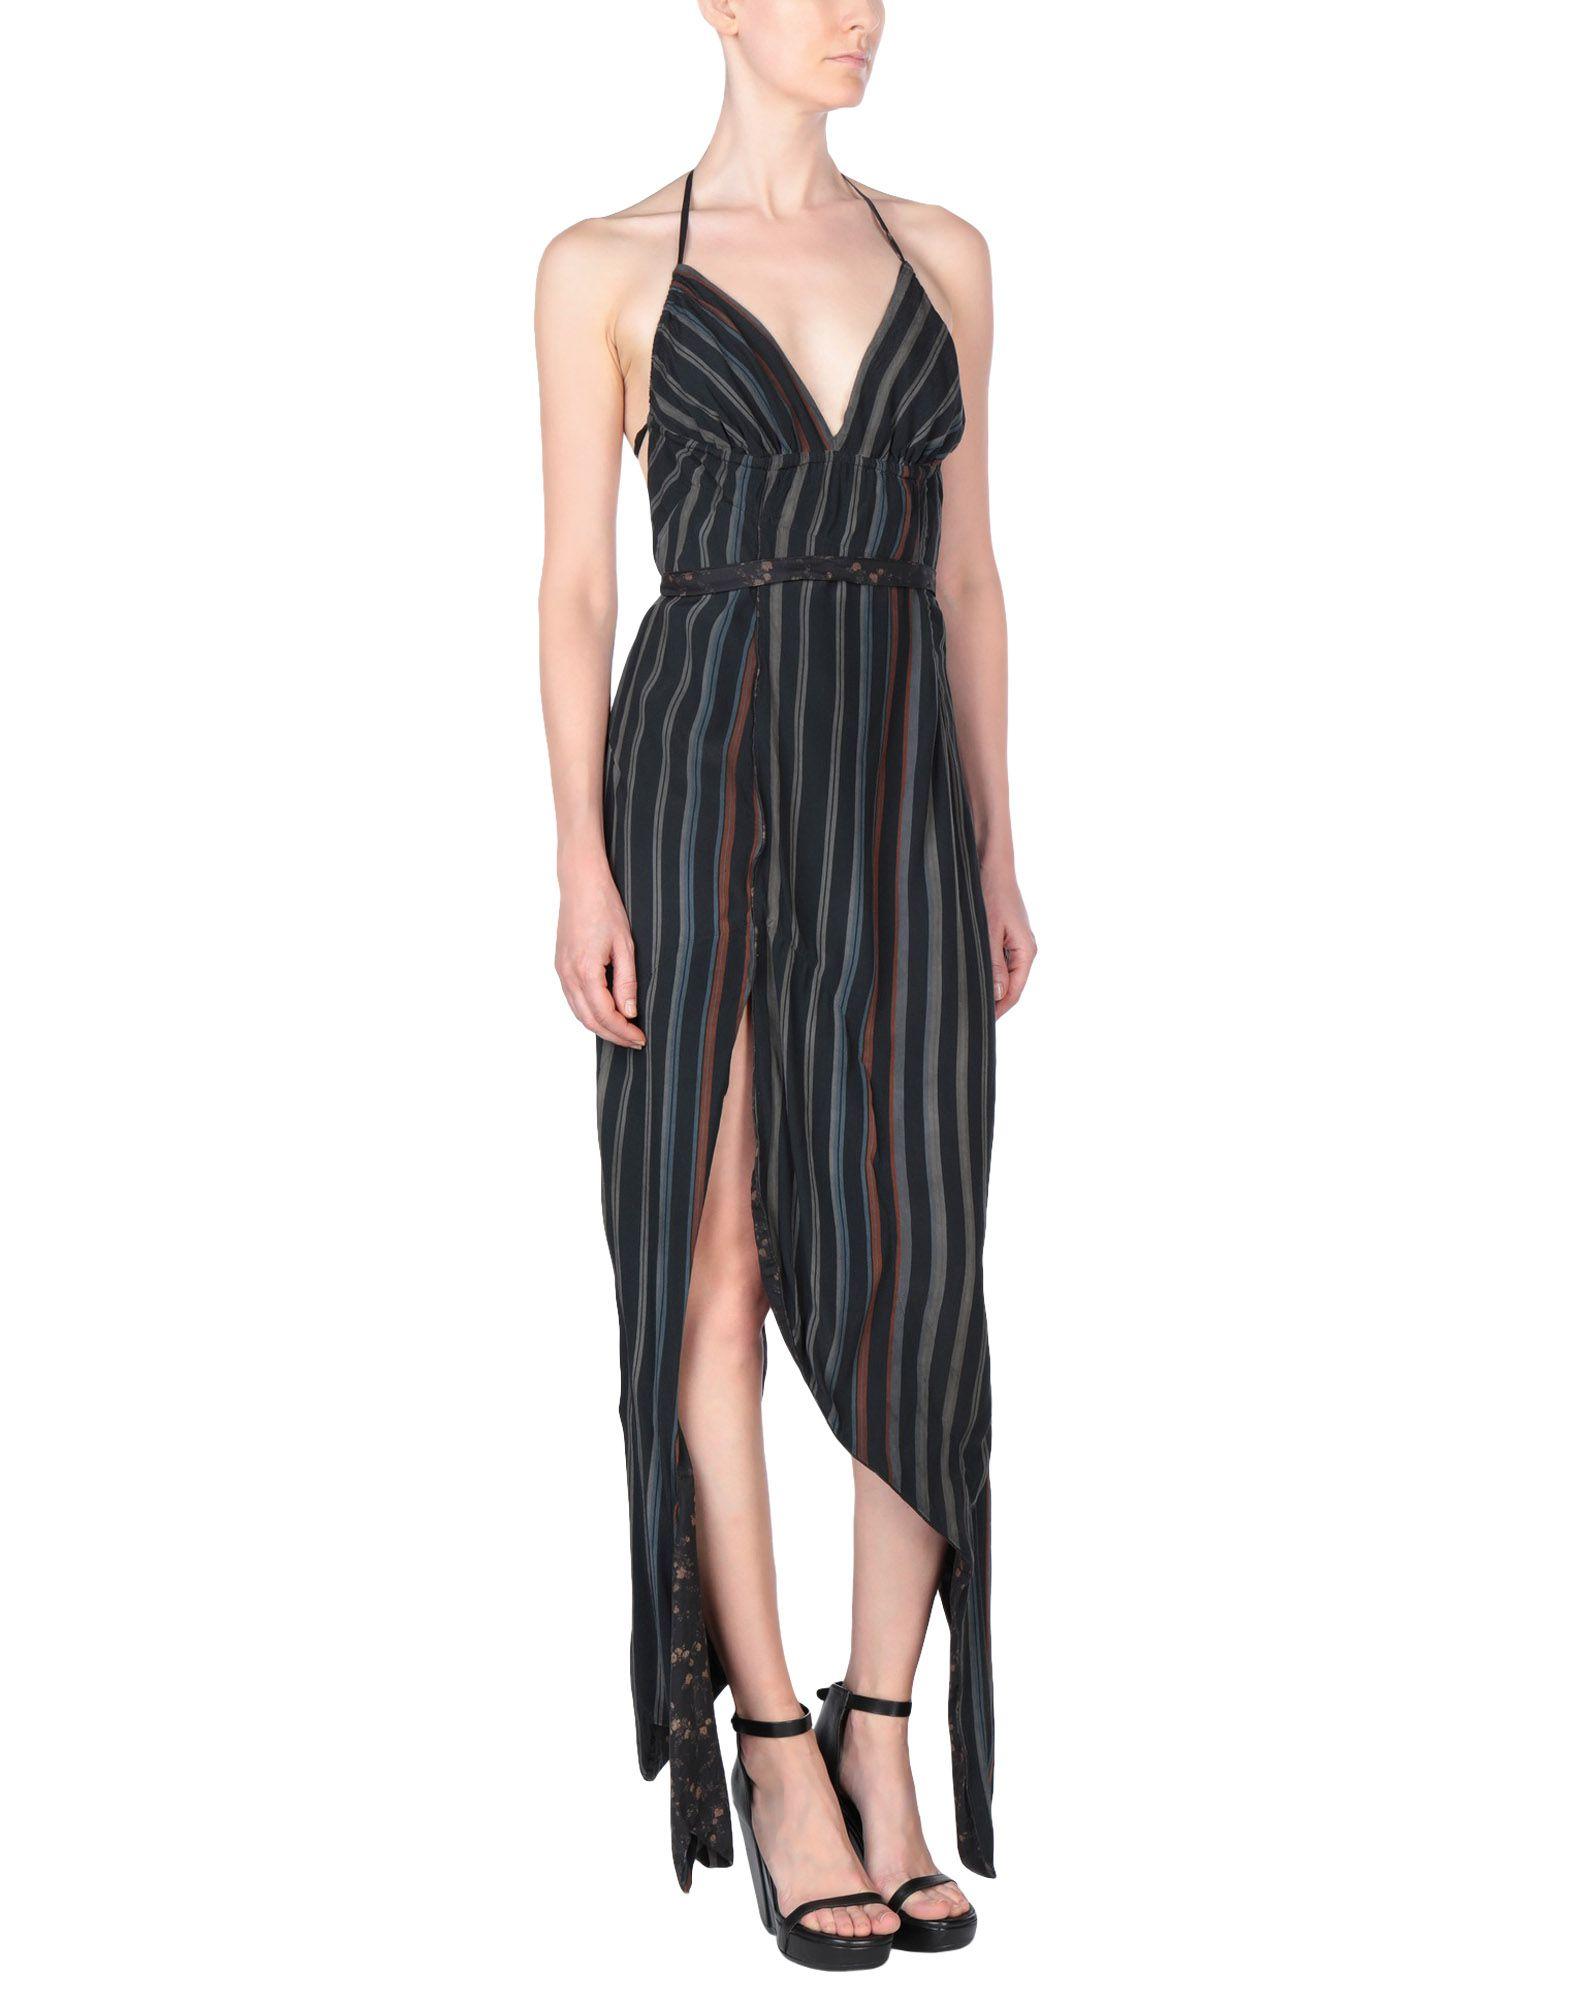 《送料無料》ANDREAS KRONTHALER for VIVIENNE WESTWOOD レディース ミニワンピース&ドレス ブラック 2 レーヨン 100% / コットン